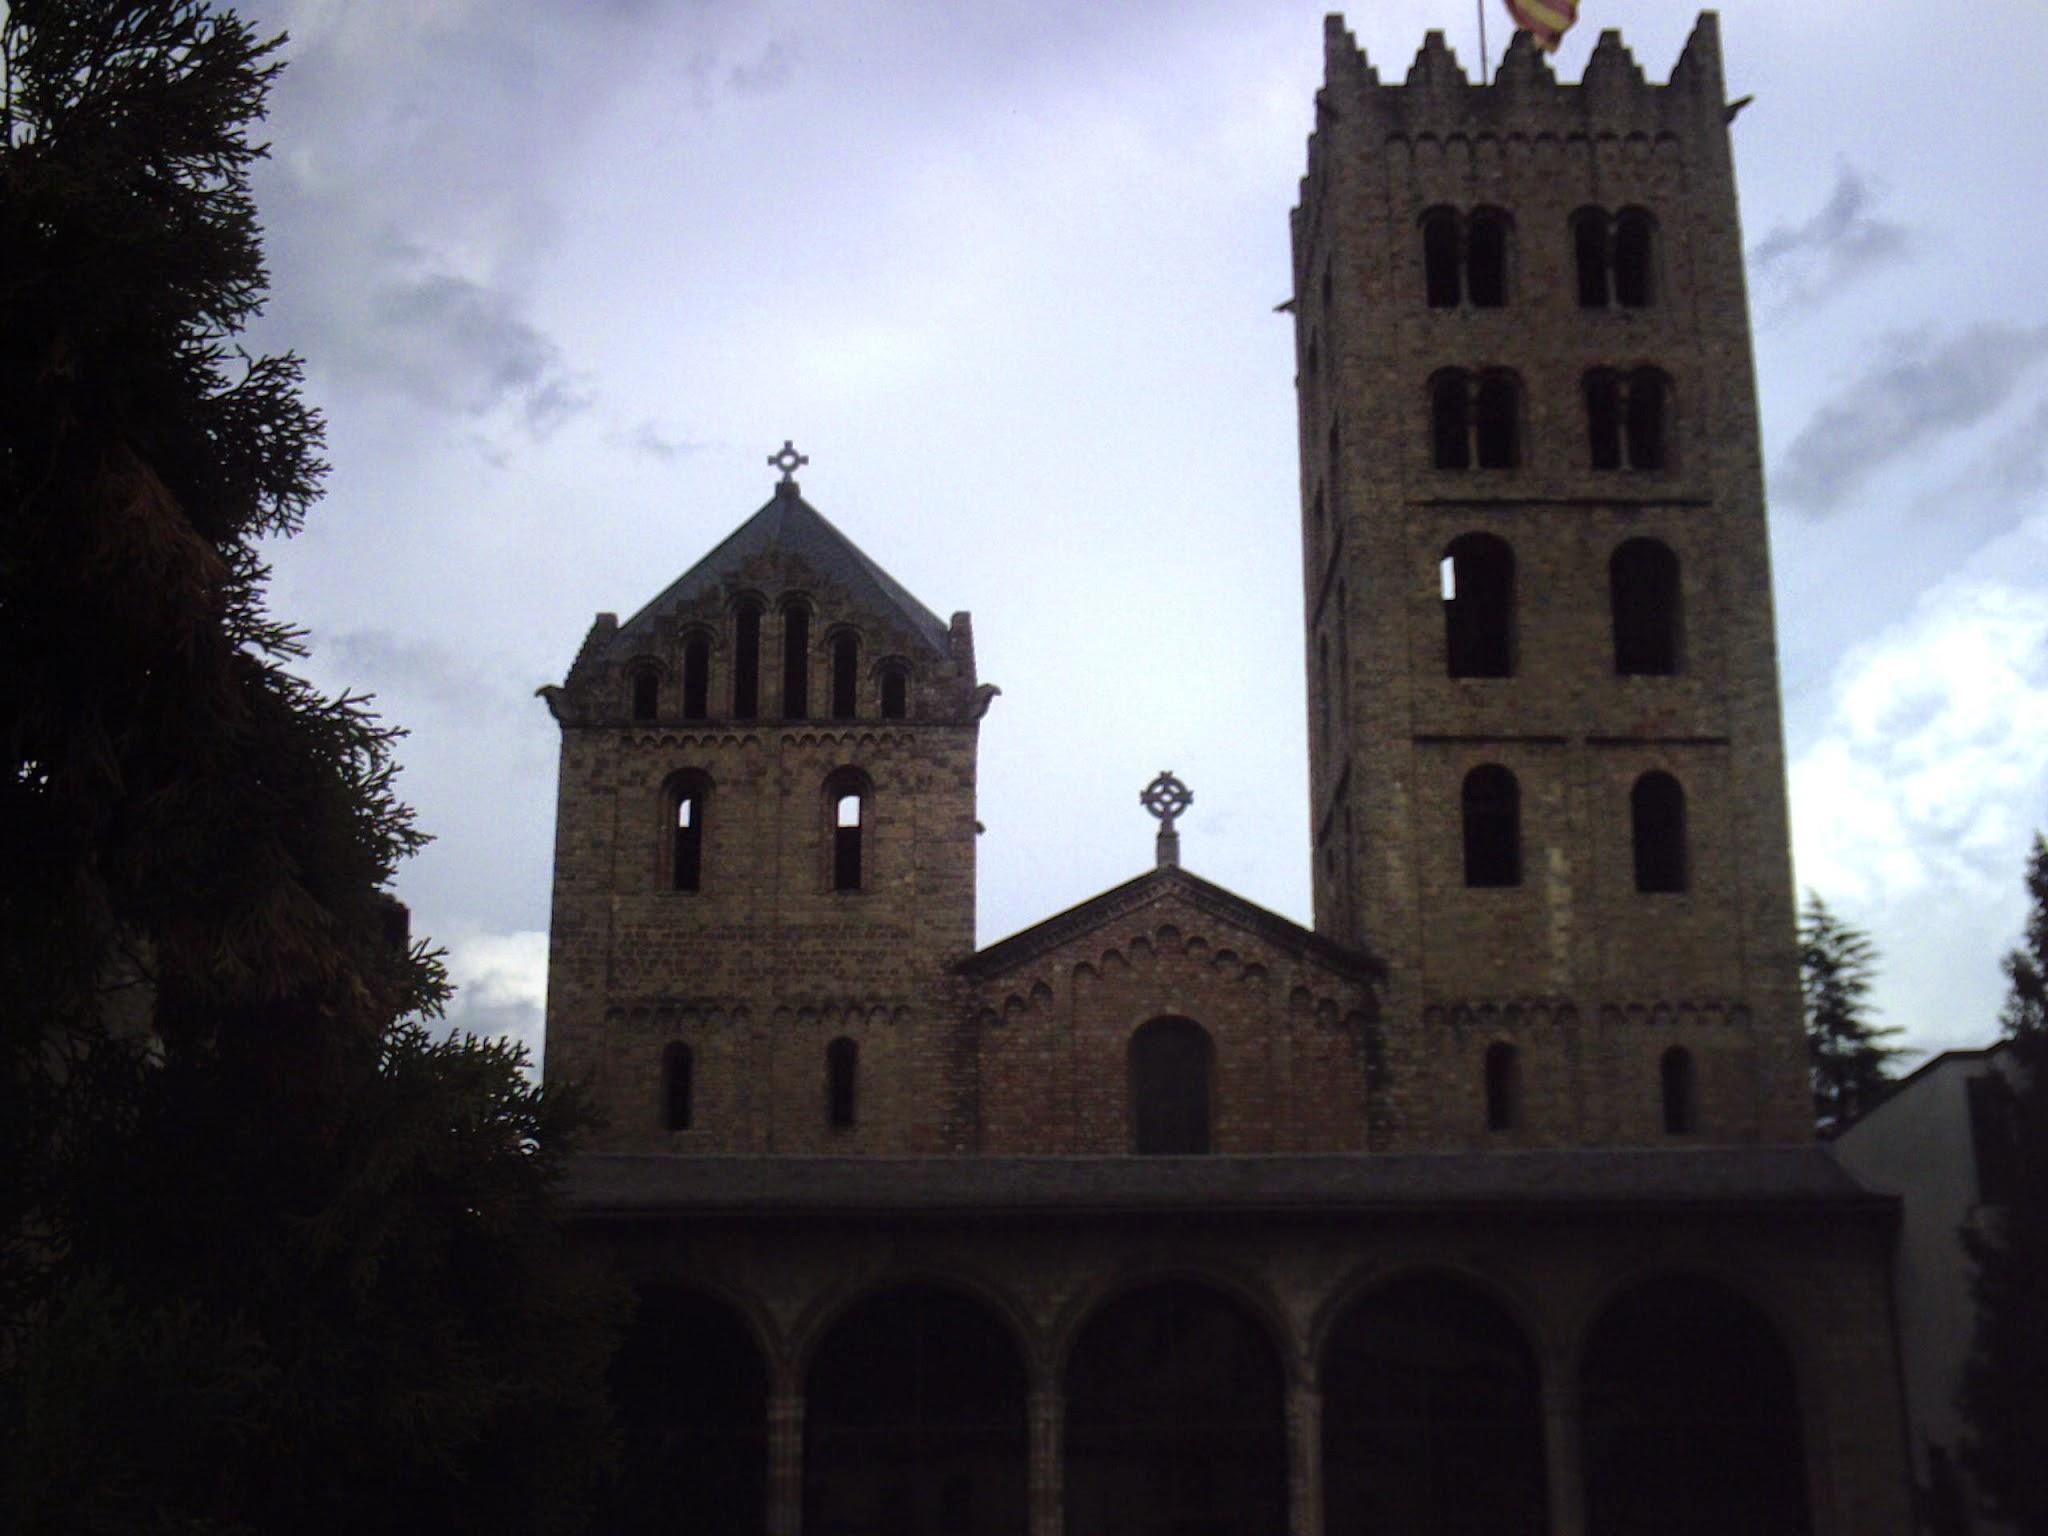 Monestir romanic de Santa Maria de Ripoll Ripolles